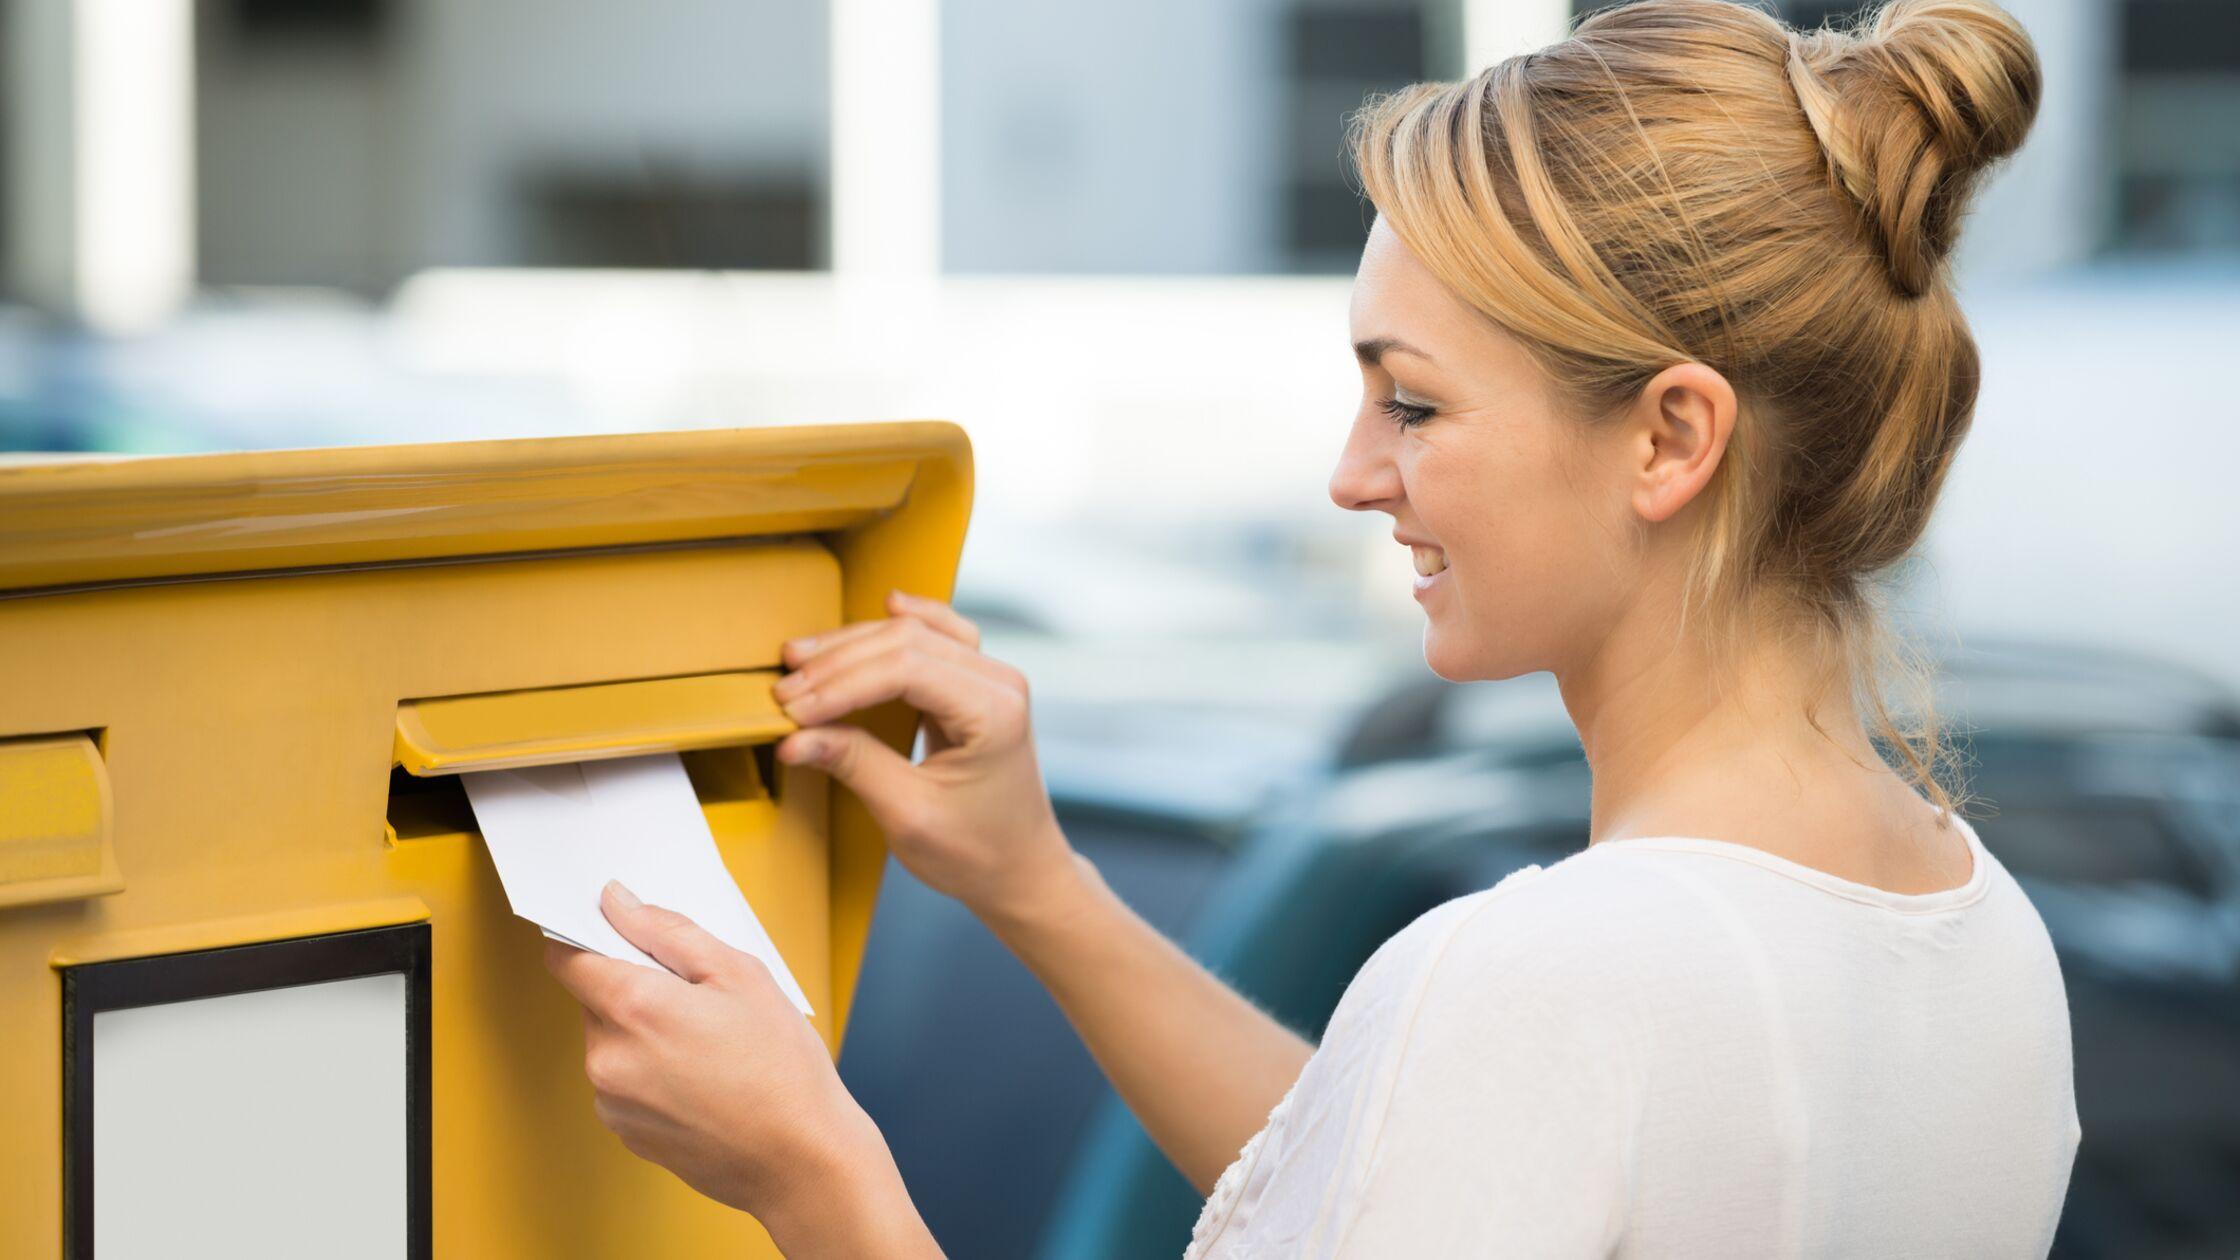 Junge Frau steckt einen Brief in den Postkasten.